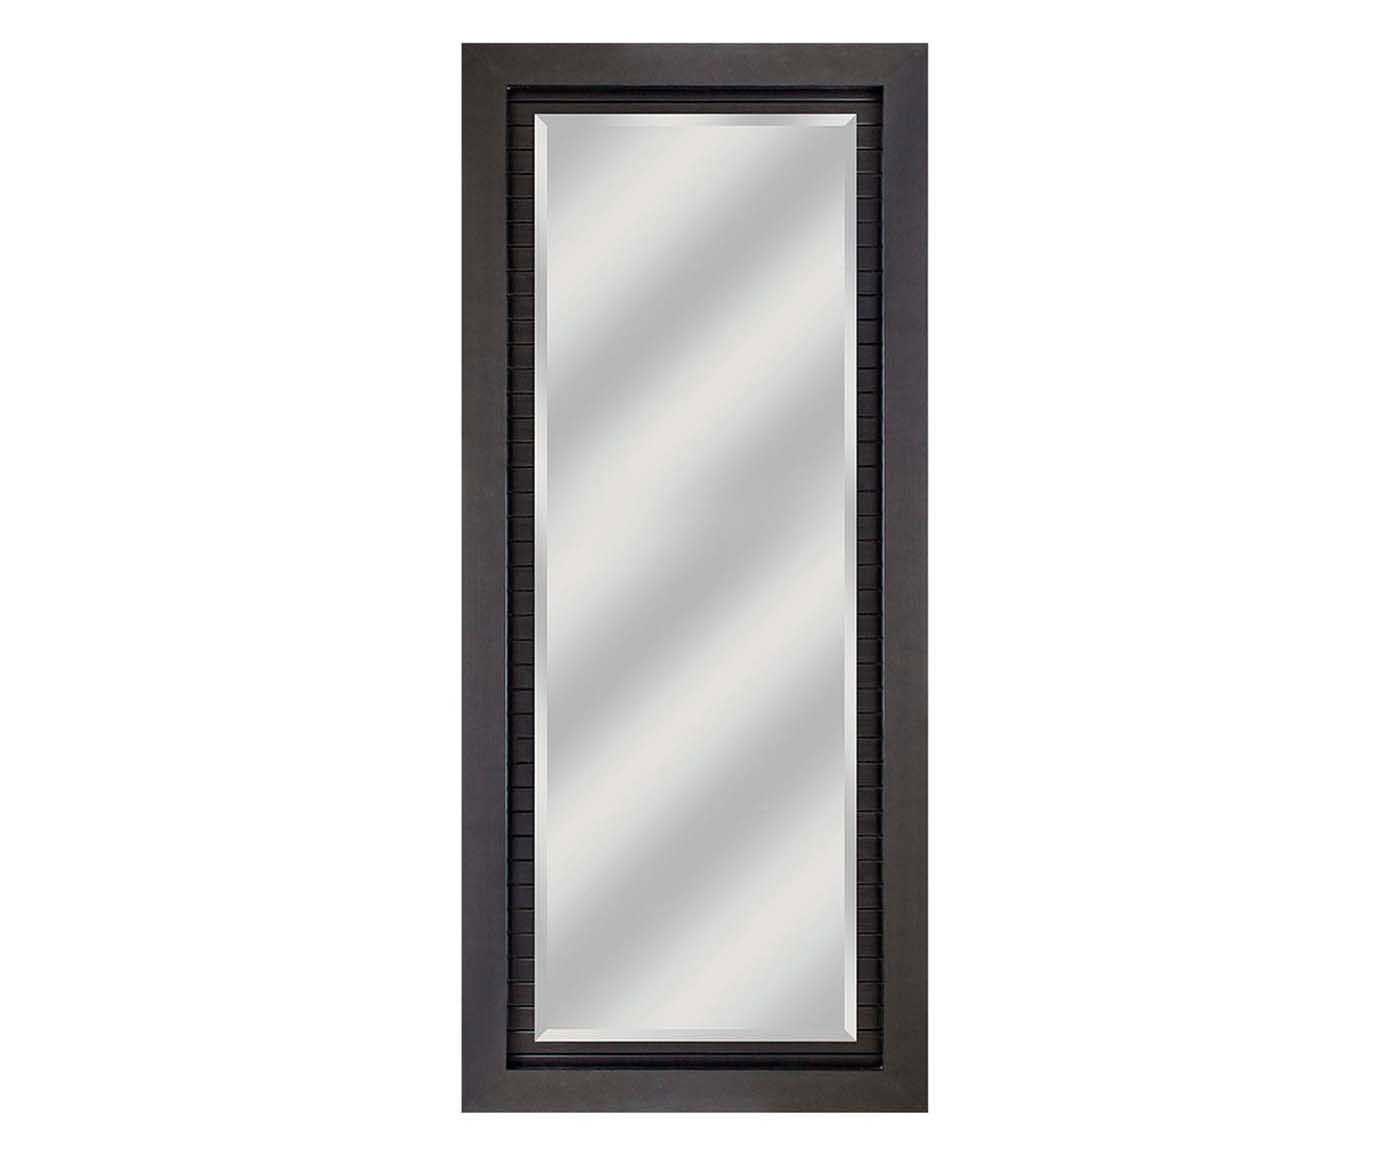 Espelho nuali - 73x173cm | Westwing.com.br